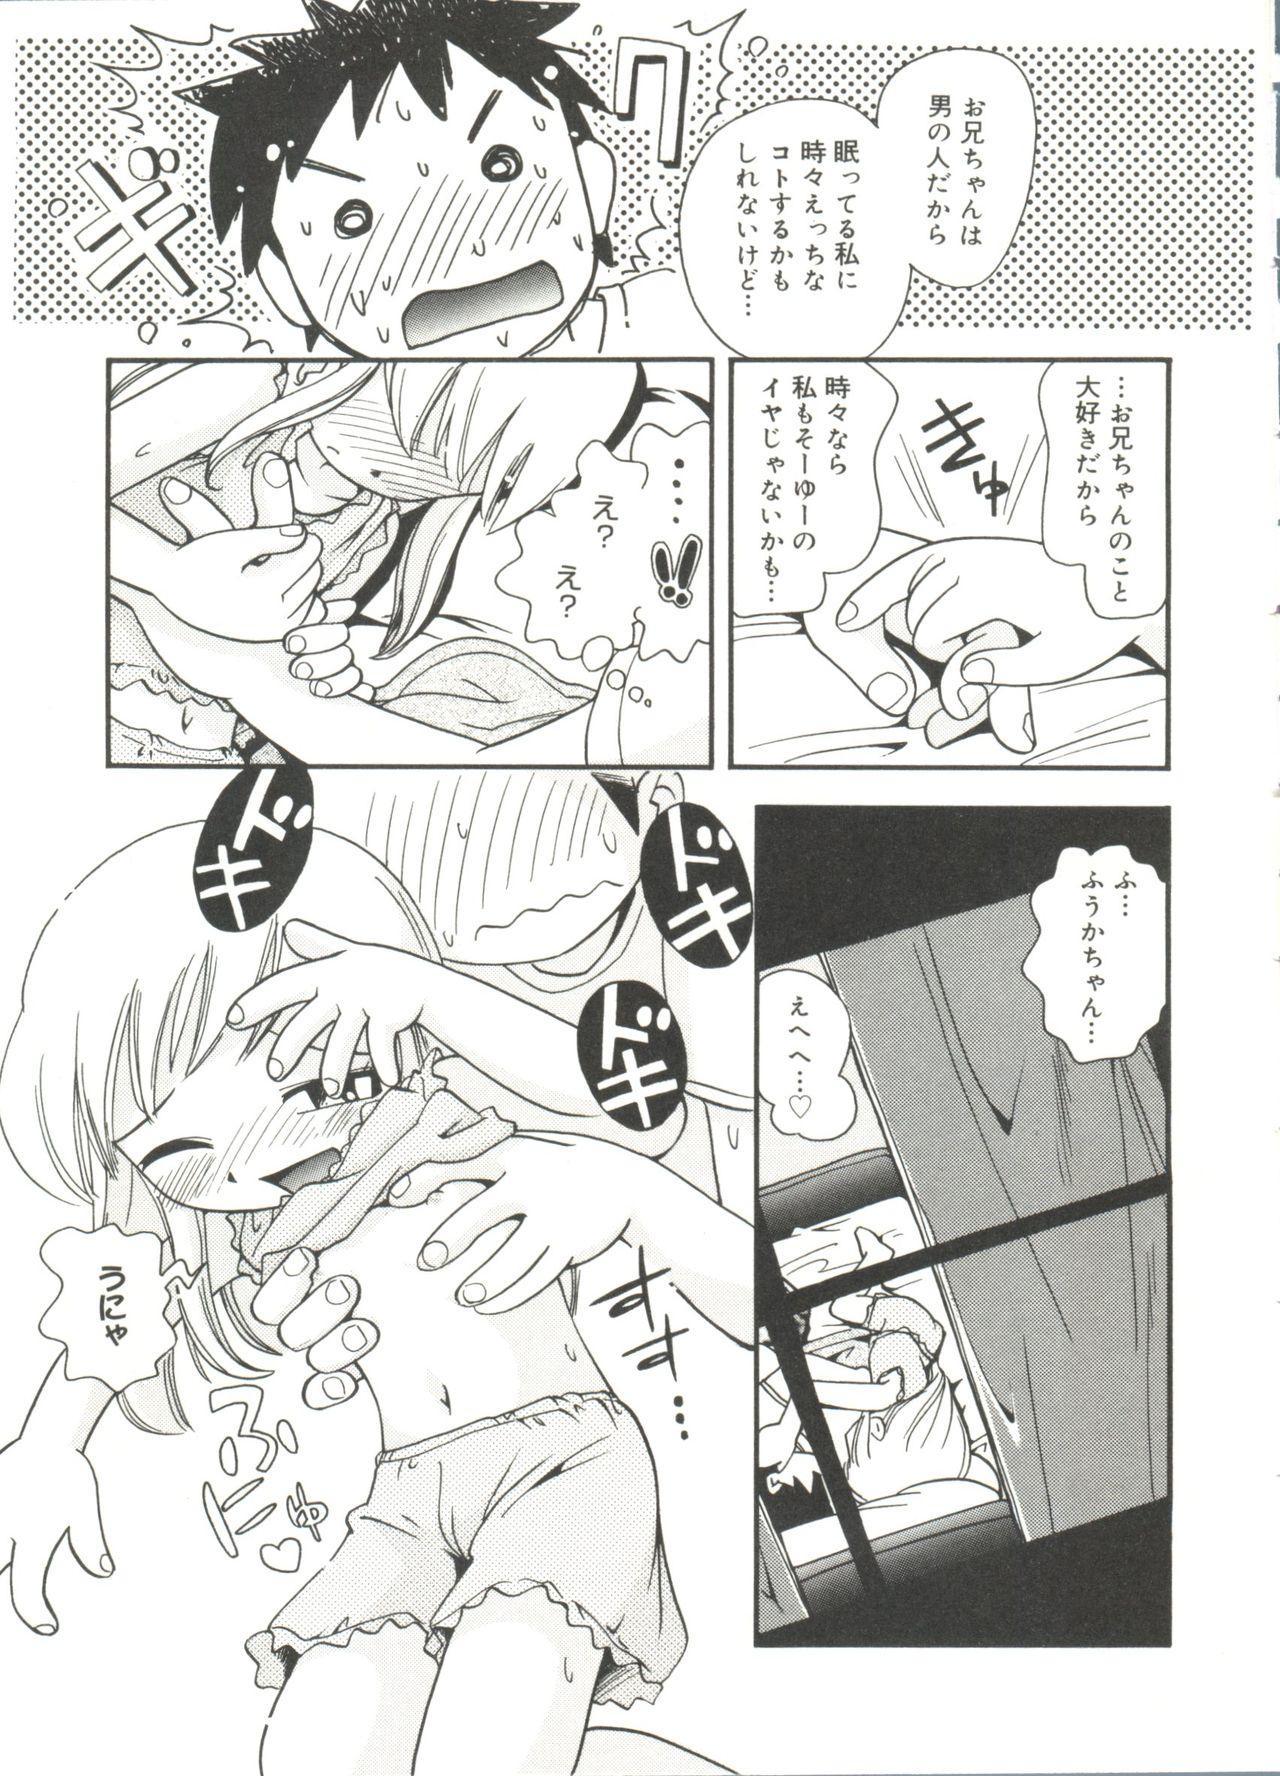 Nakayoshi-chan 96